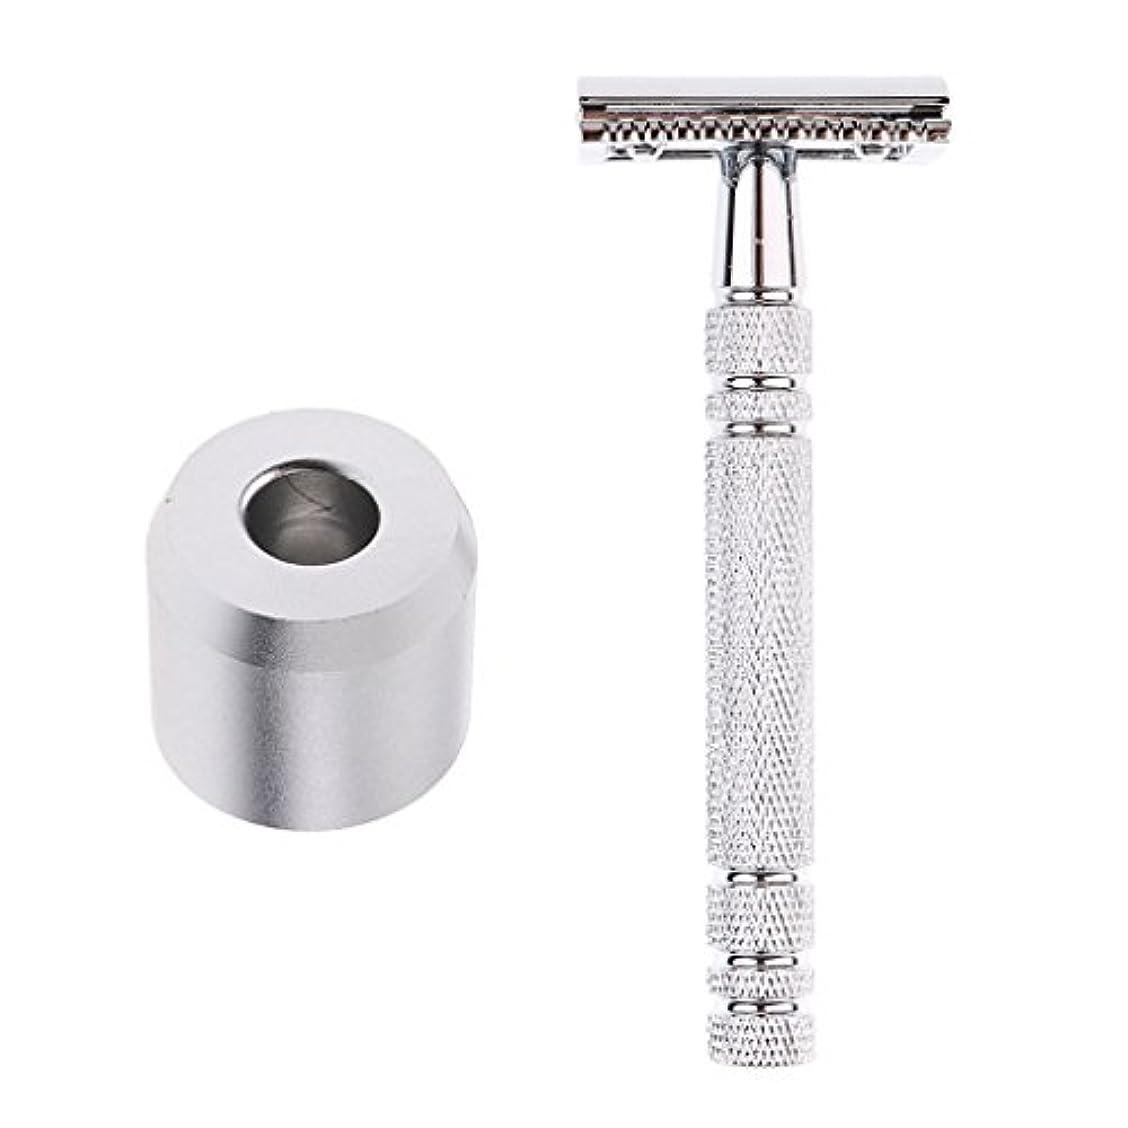 メイエラ思いやり小間シェービング用 シェービング カミソリ シェービングスタンド スタンドベース ダブルエッジ剃刀 金属材料 メンズ 2色選べる - 銀